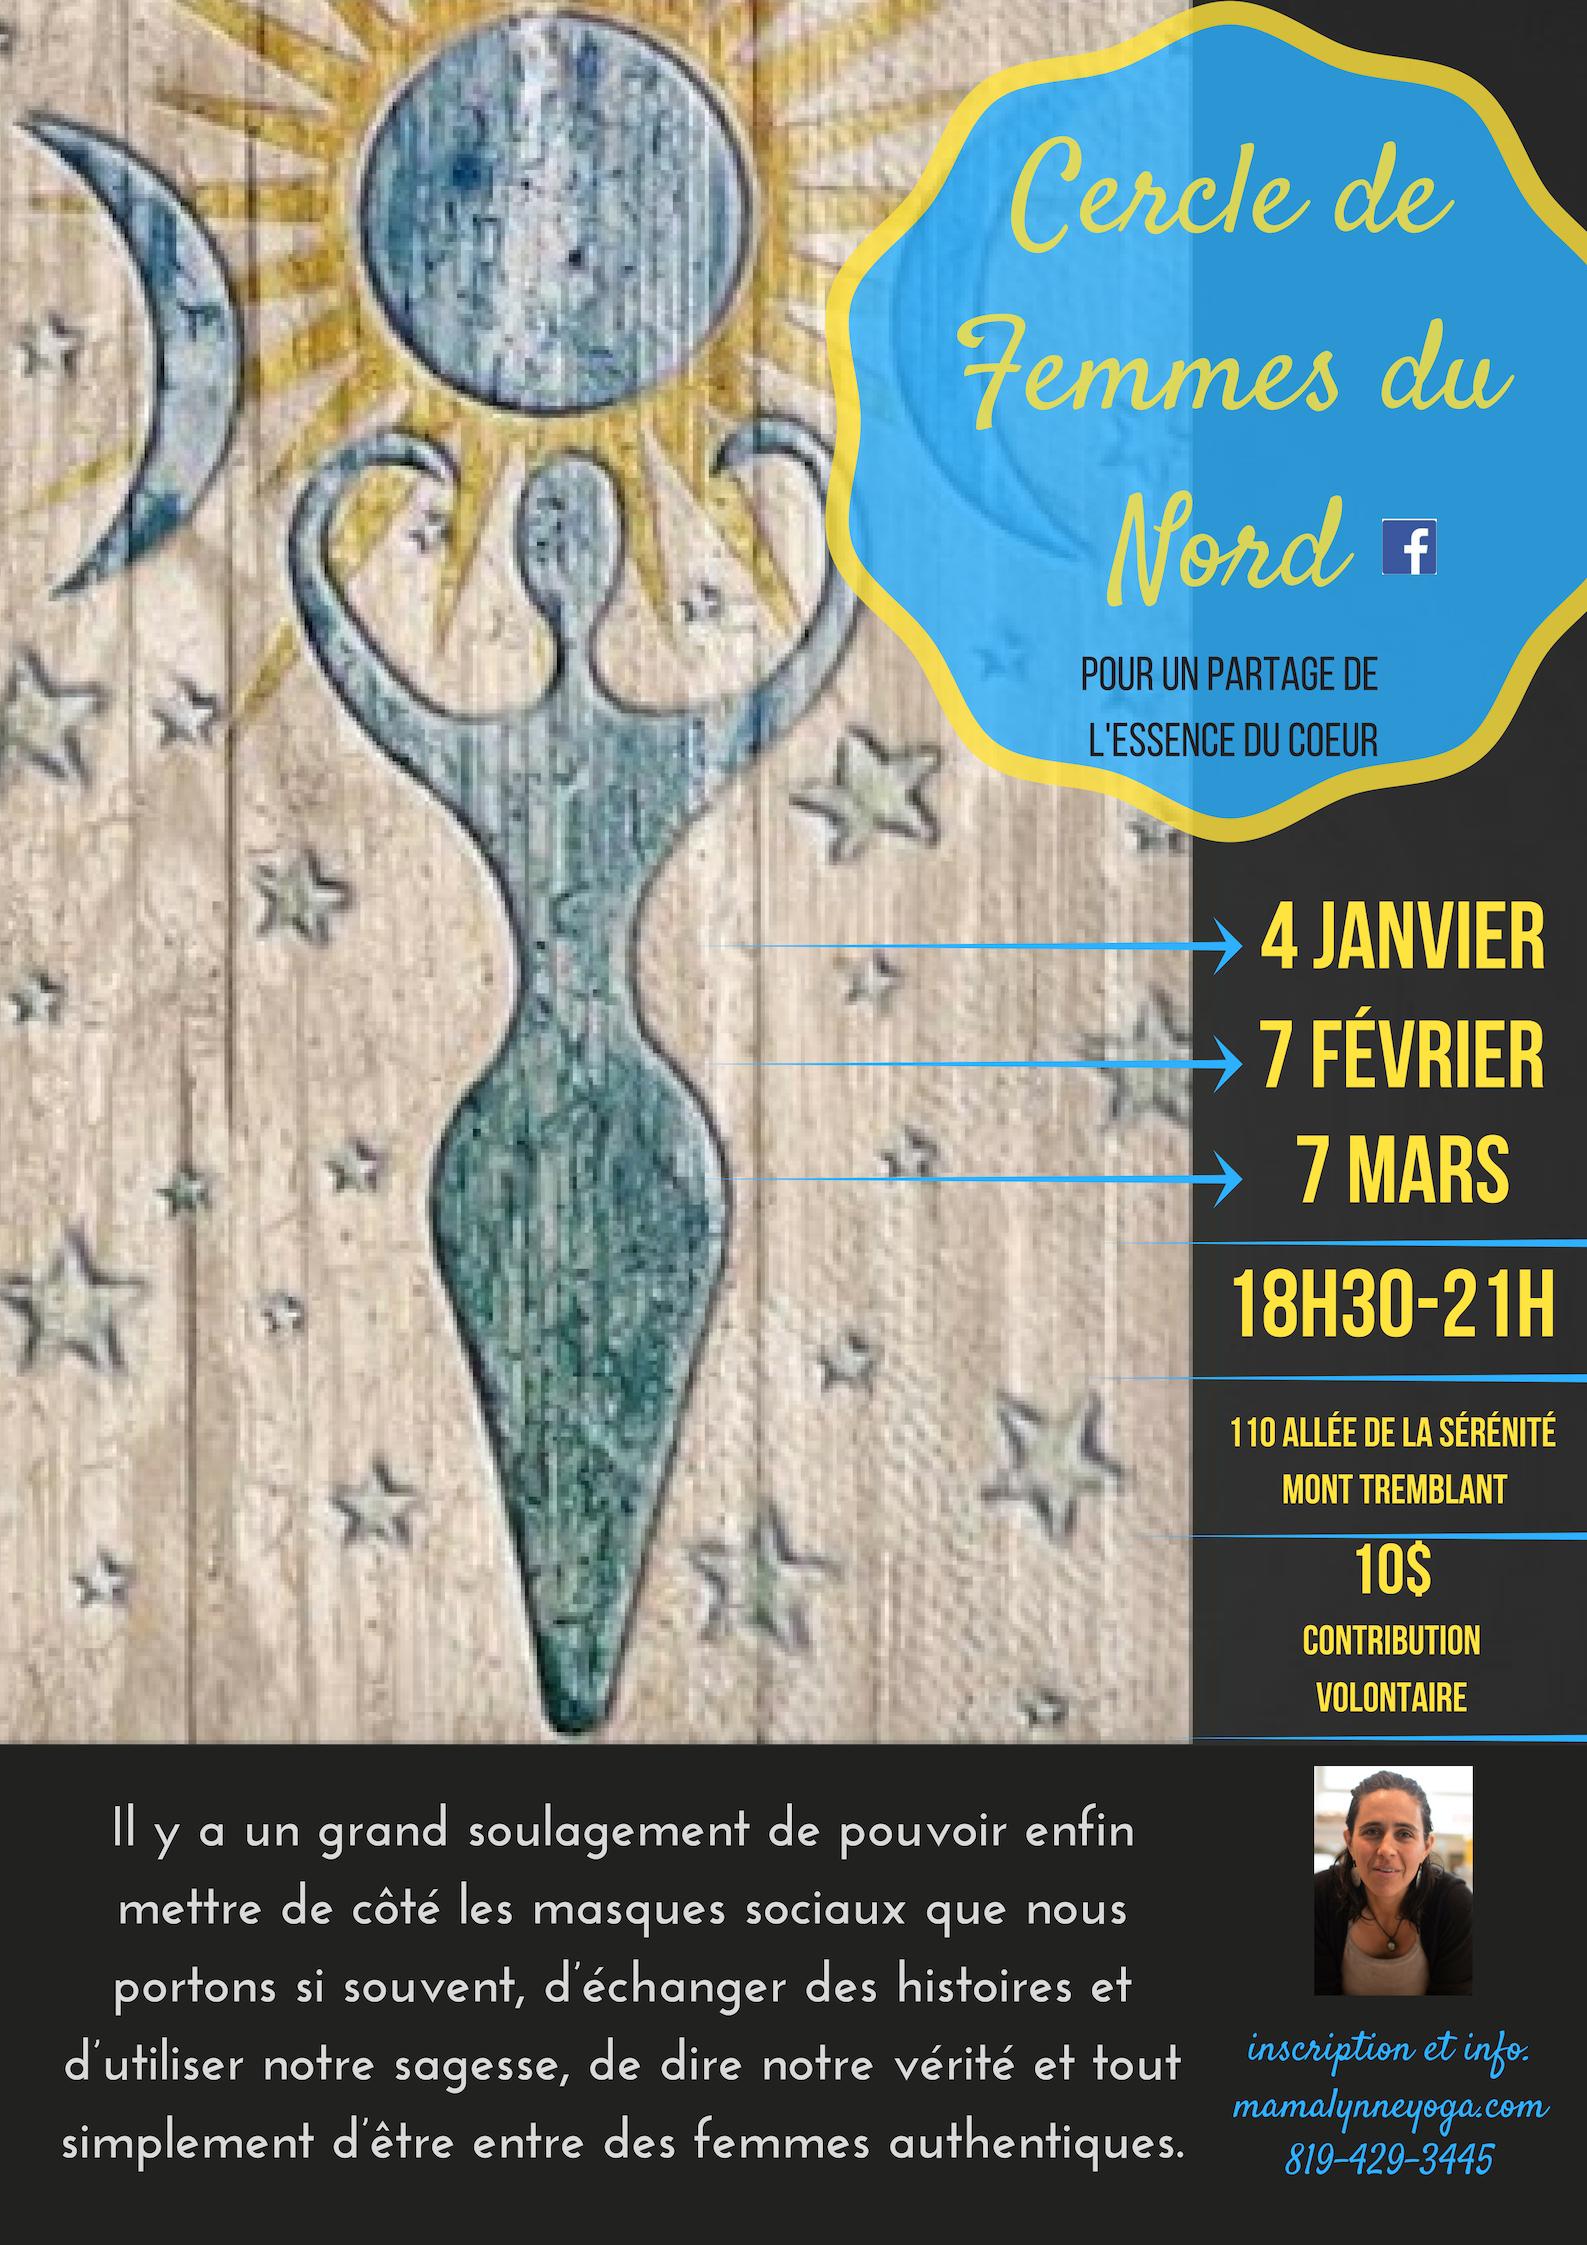 Cercle de Femmes du Nord-L'hiver 2019.jpg